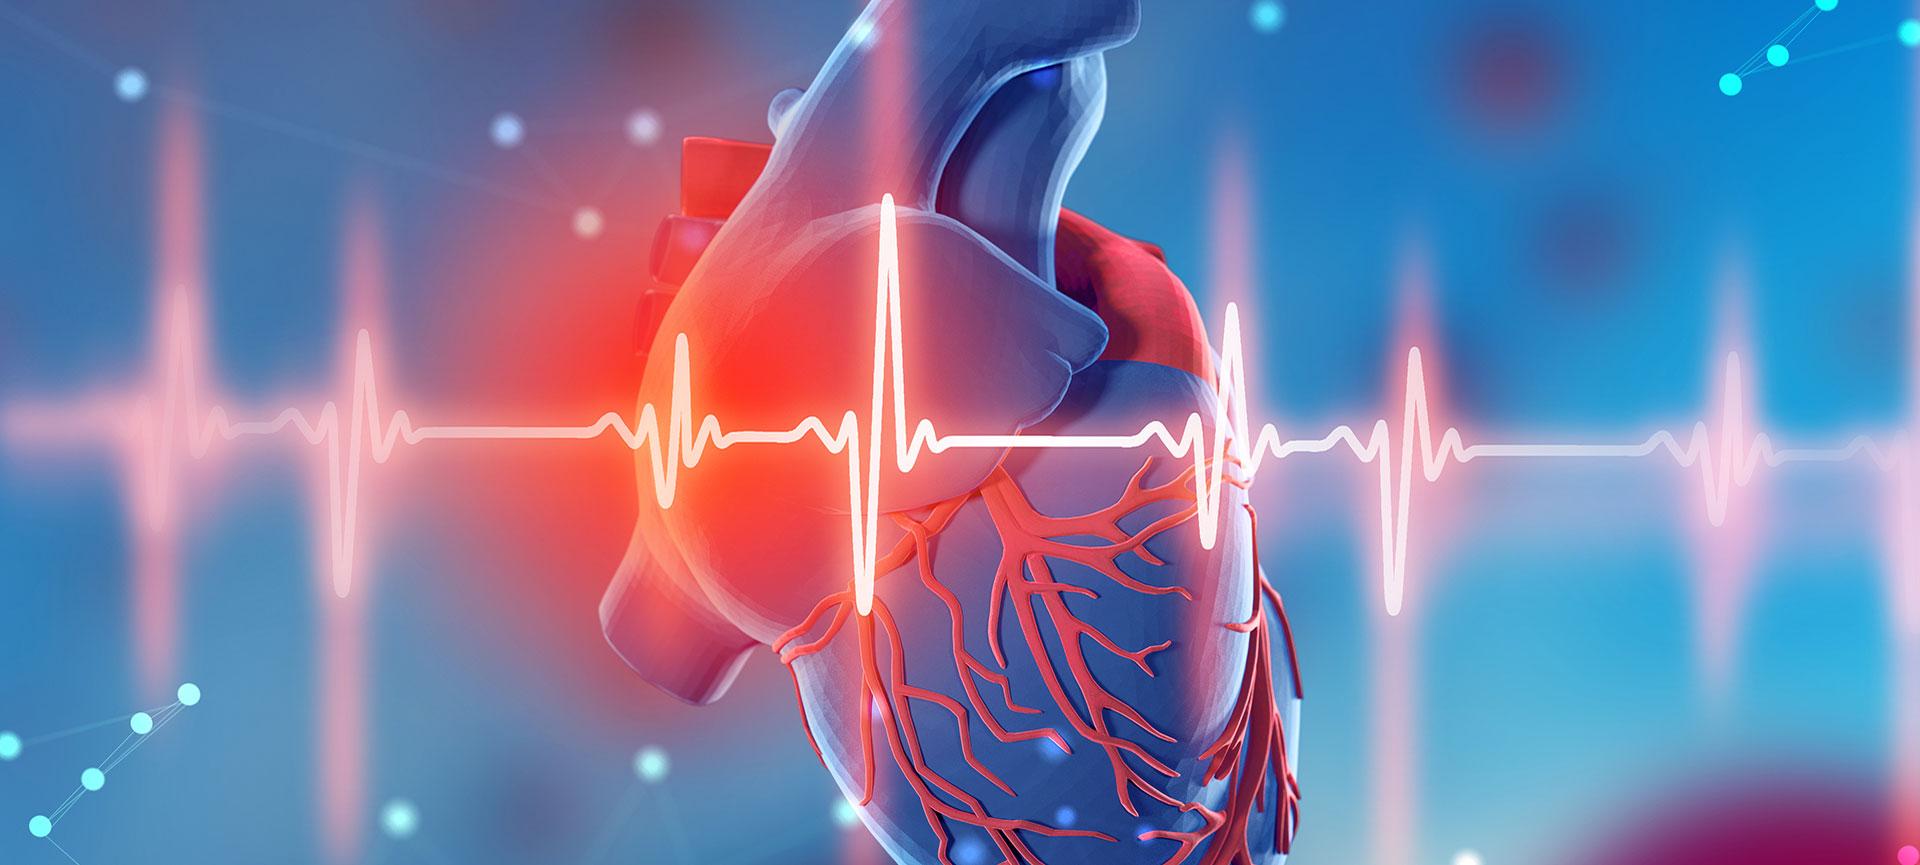 Étude : non, le vapotage ne favorise pas l'infarctus